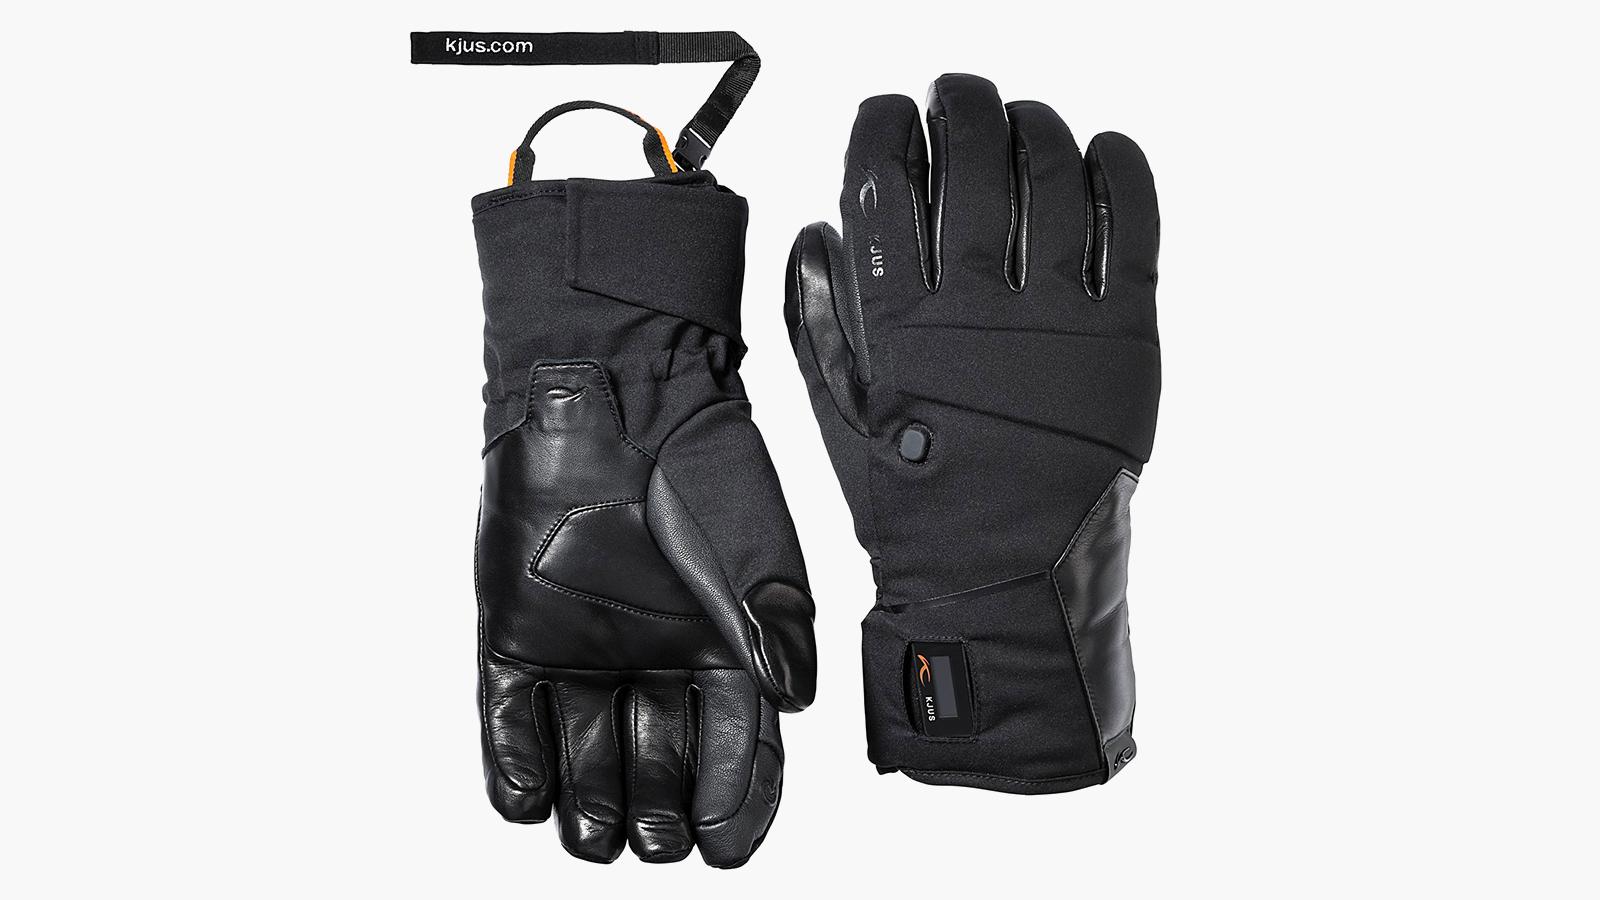 KJUS BT 2.0 Glove